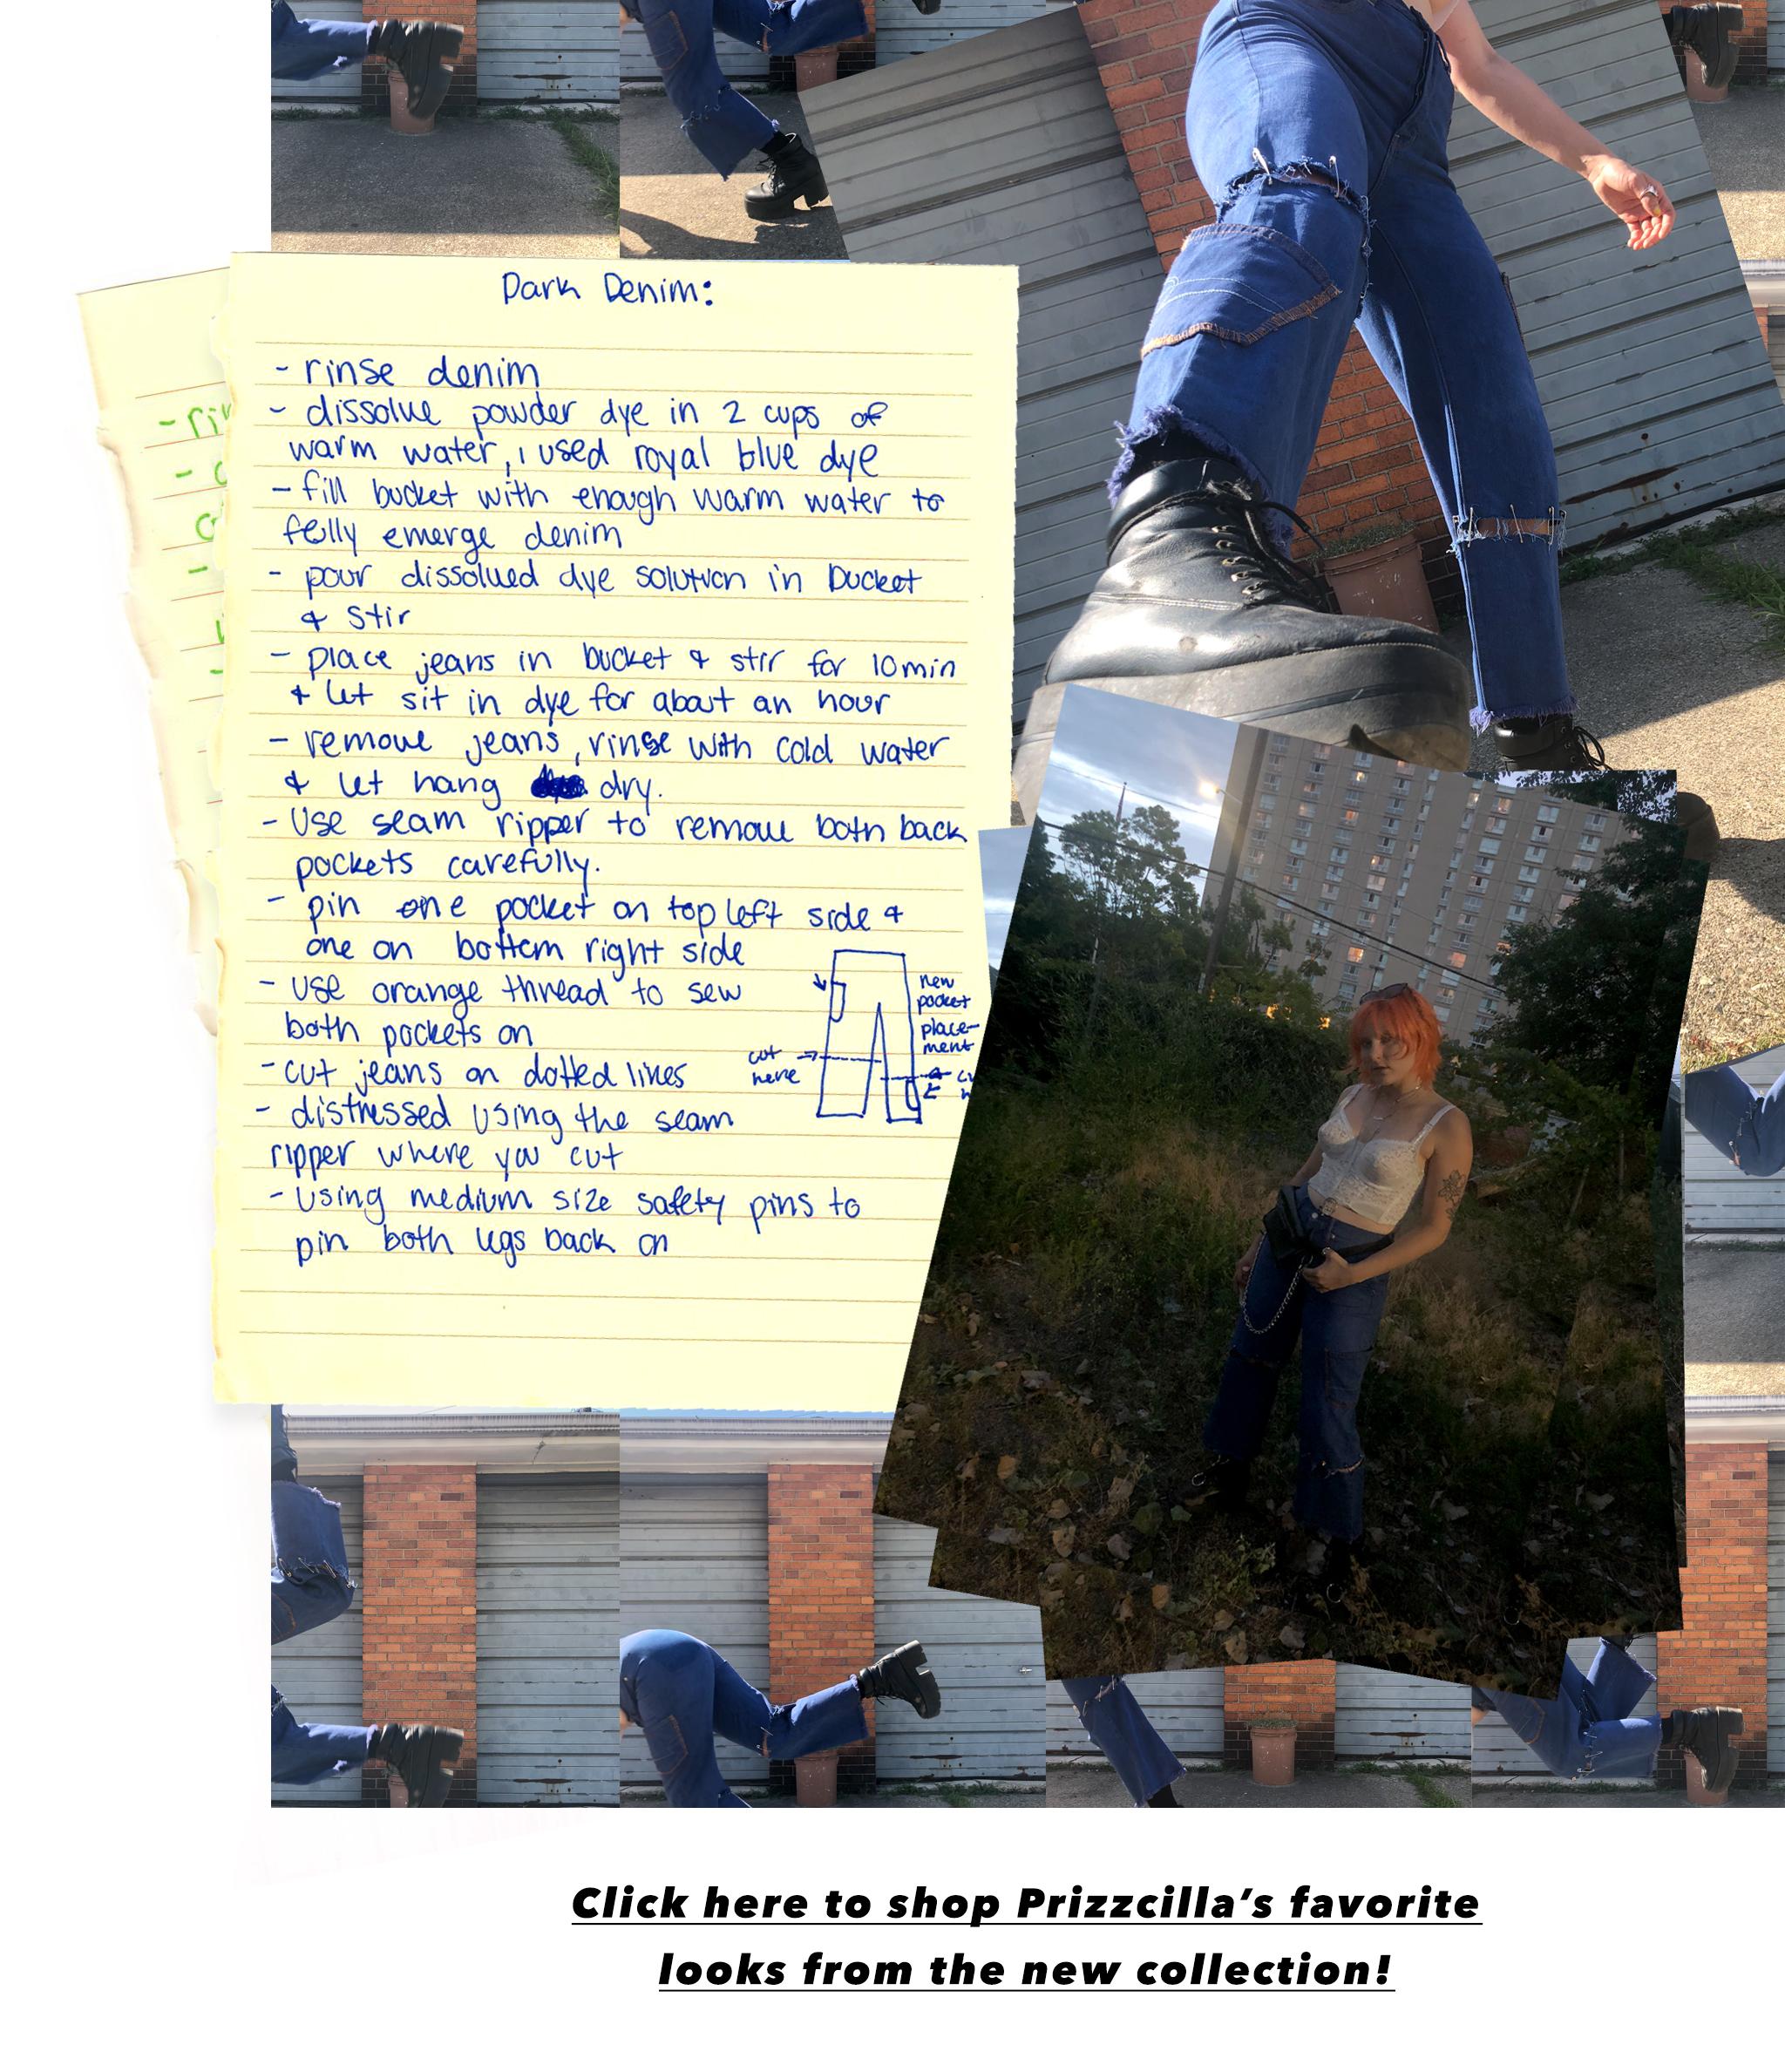 handwritten note on customizing jeans